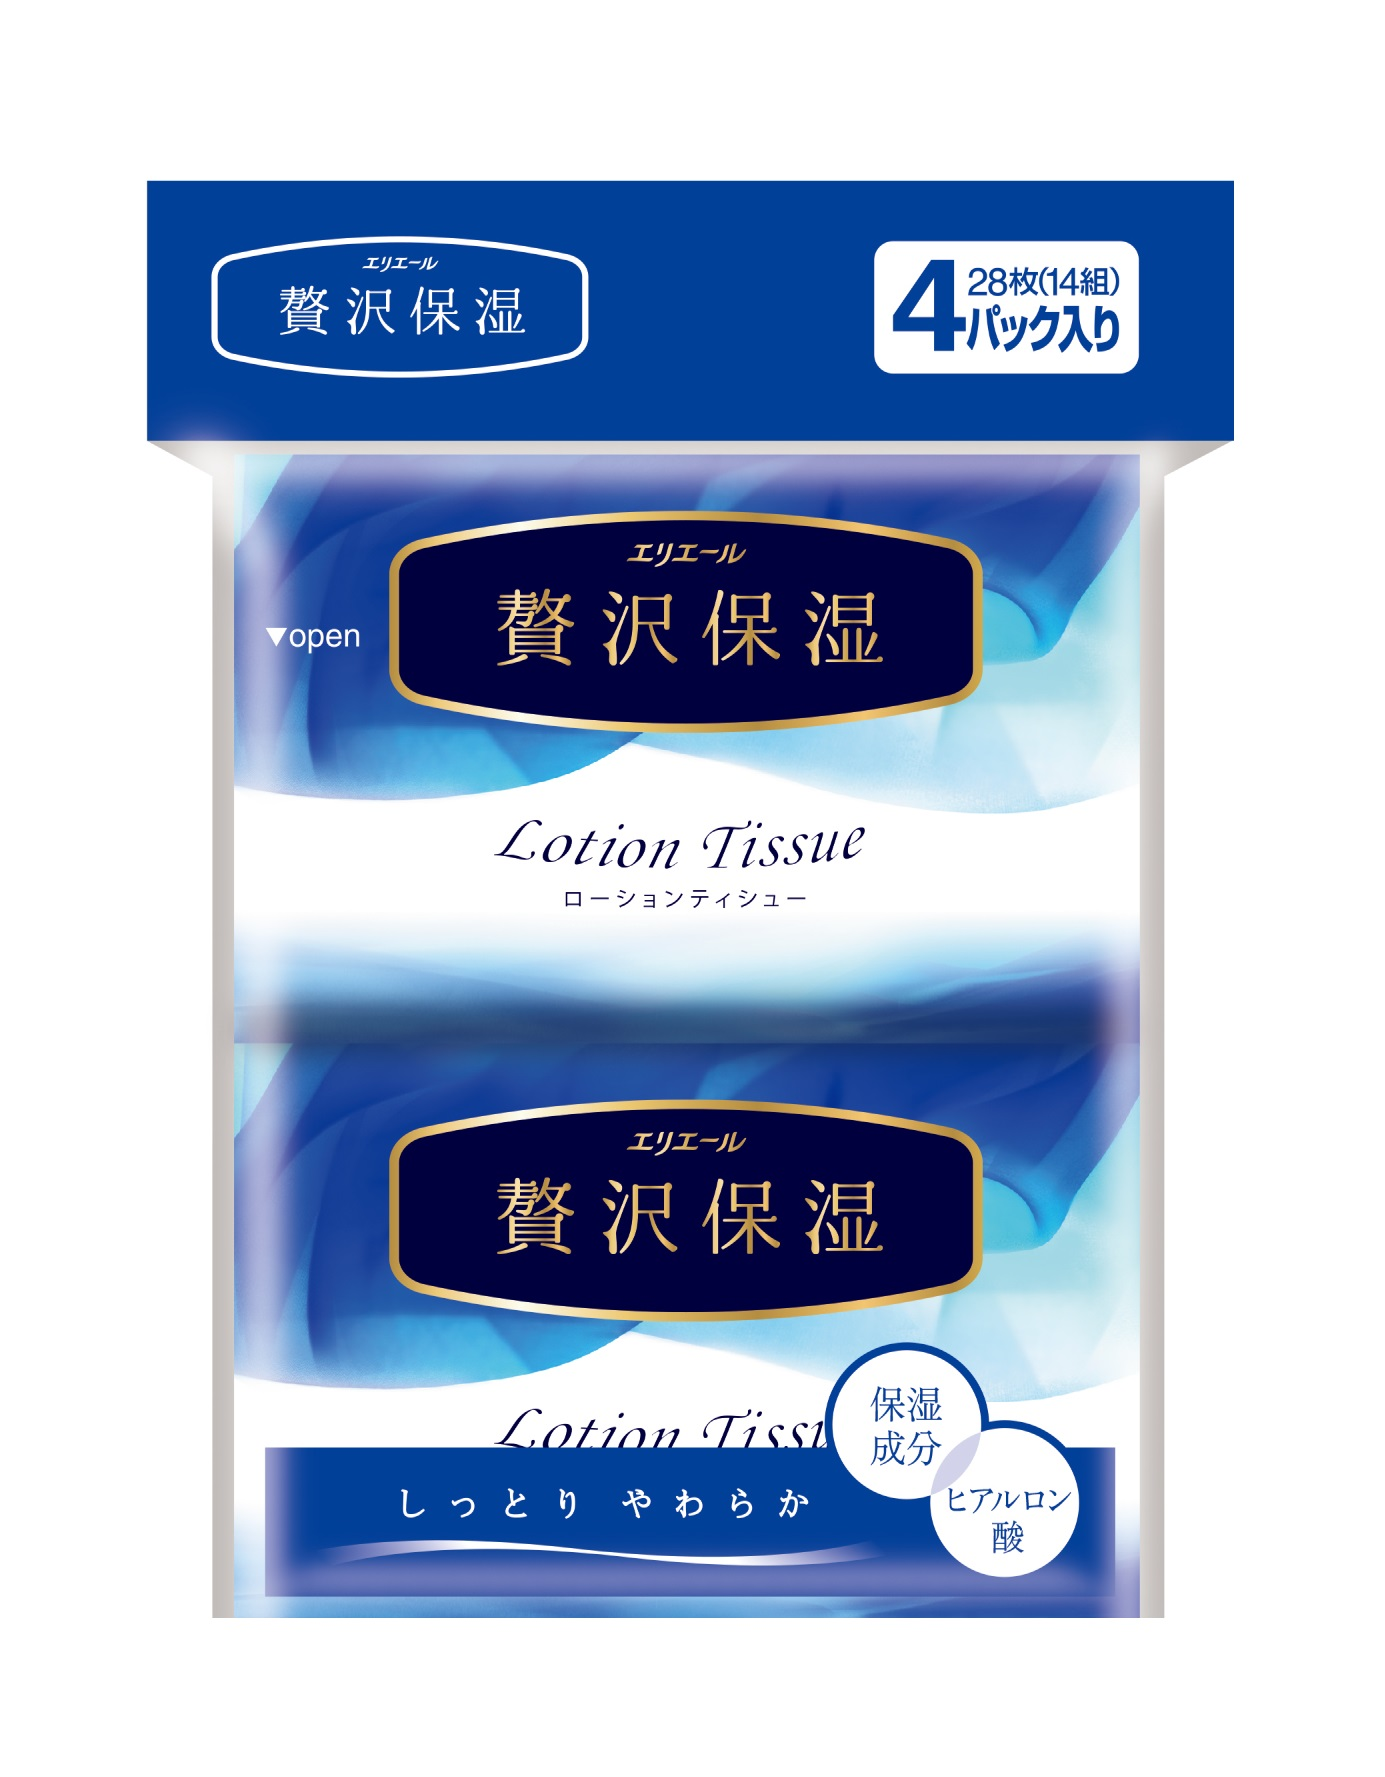 Салфетки Elleair (Элеар) бумажные неароматизированные Lotion Tissue с коллагеном и гиалуроновой кислотой 4 уп. по 14 шт.